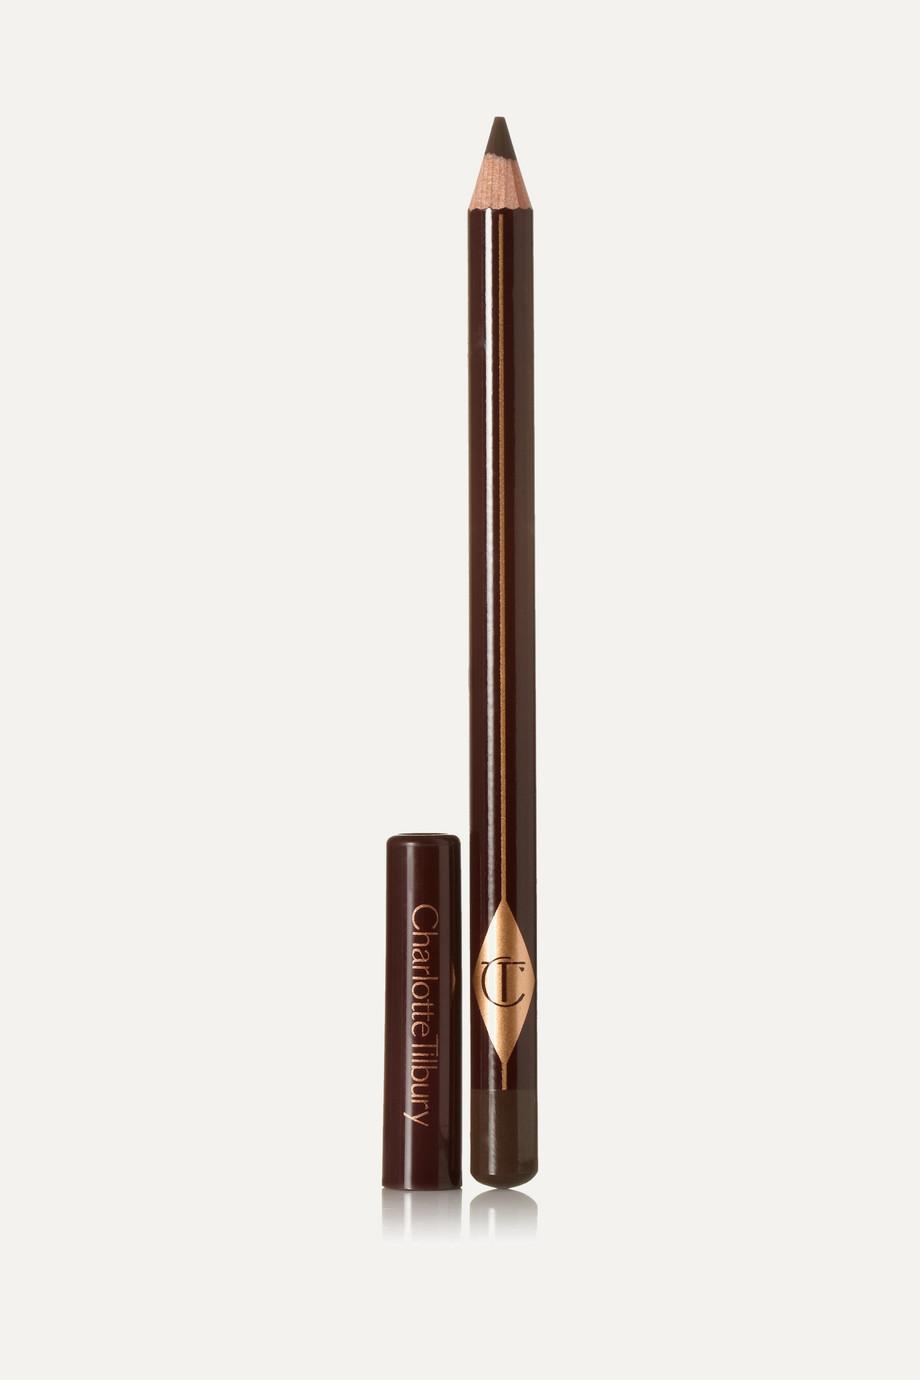 Charlotte Tilbury Crayon-poudre pour les yeux The Classic, Classic Brown